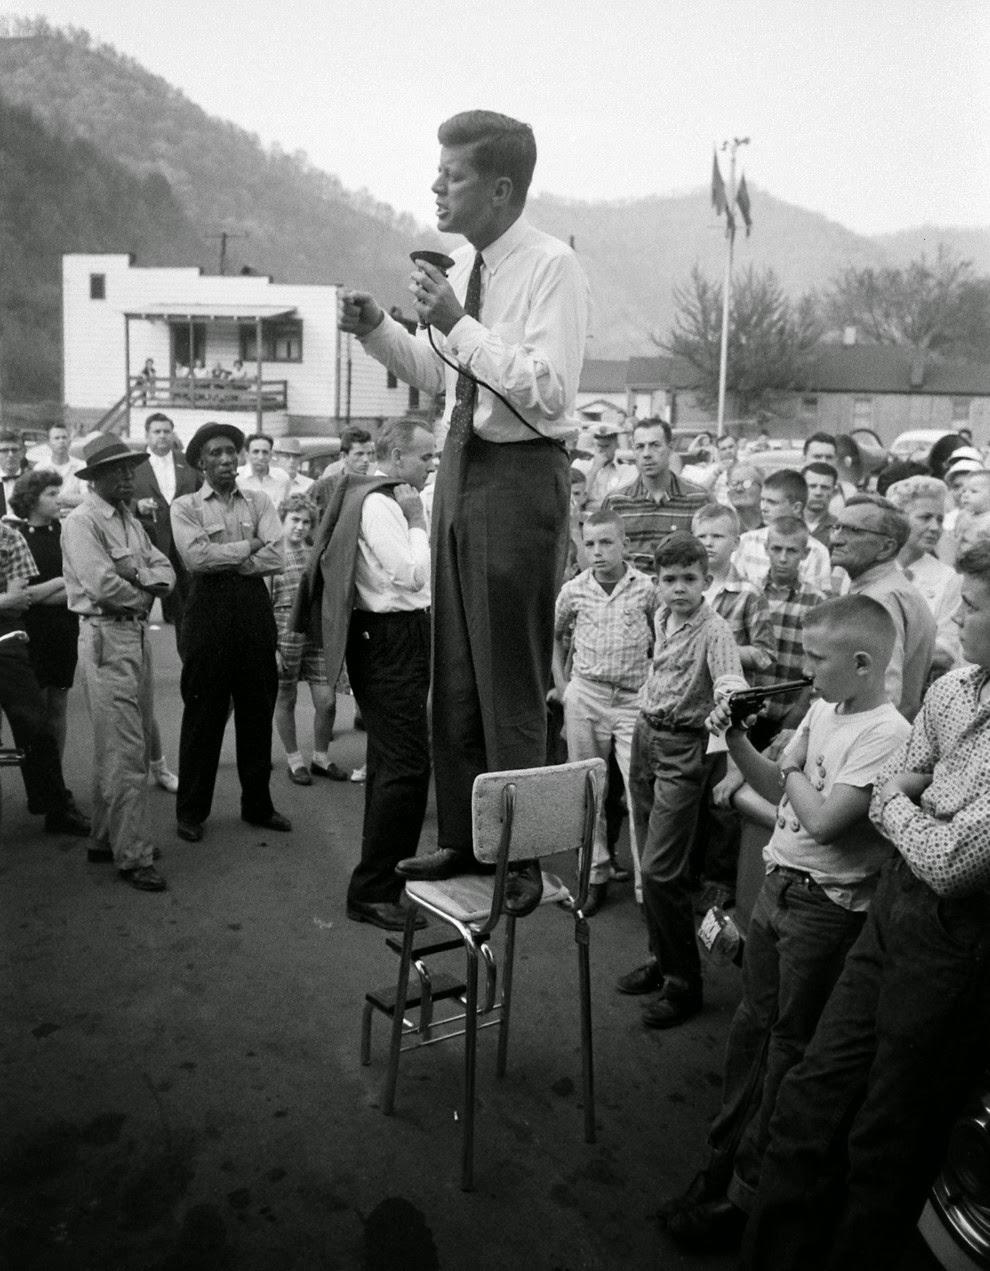 John F. Kennedy hace campaña en la zona rural de Virginia Occidental buscando apoyo para la primaria del 10 de mayo, precariamente encaramado en una silla alta para pronunciar su discurso, 1960.